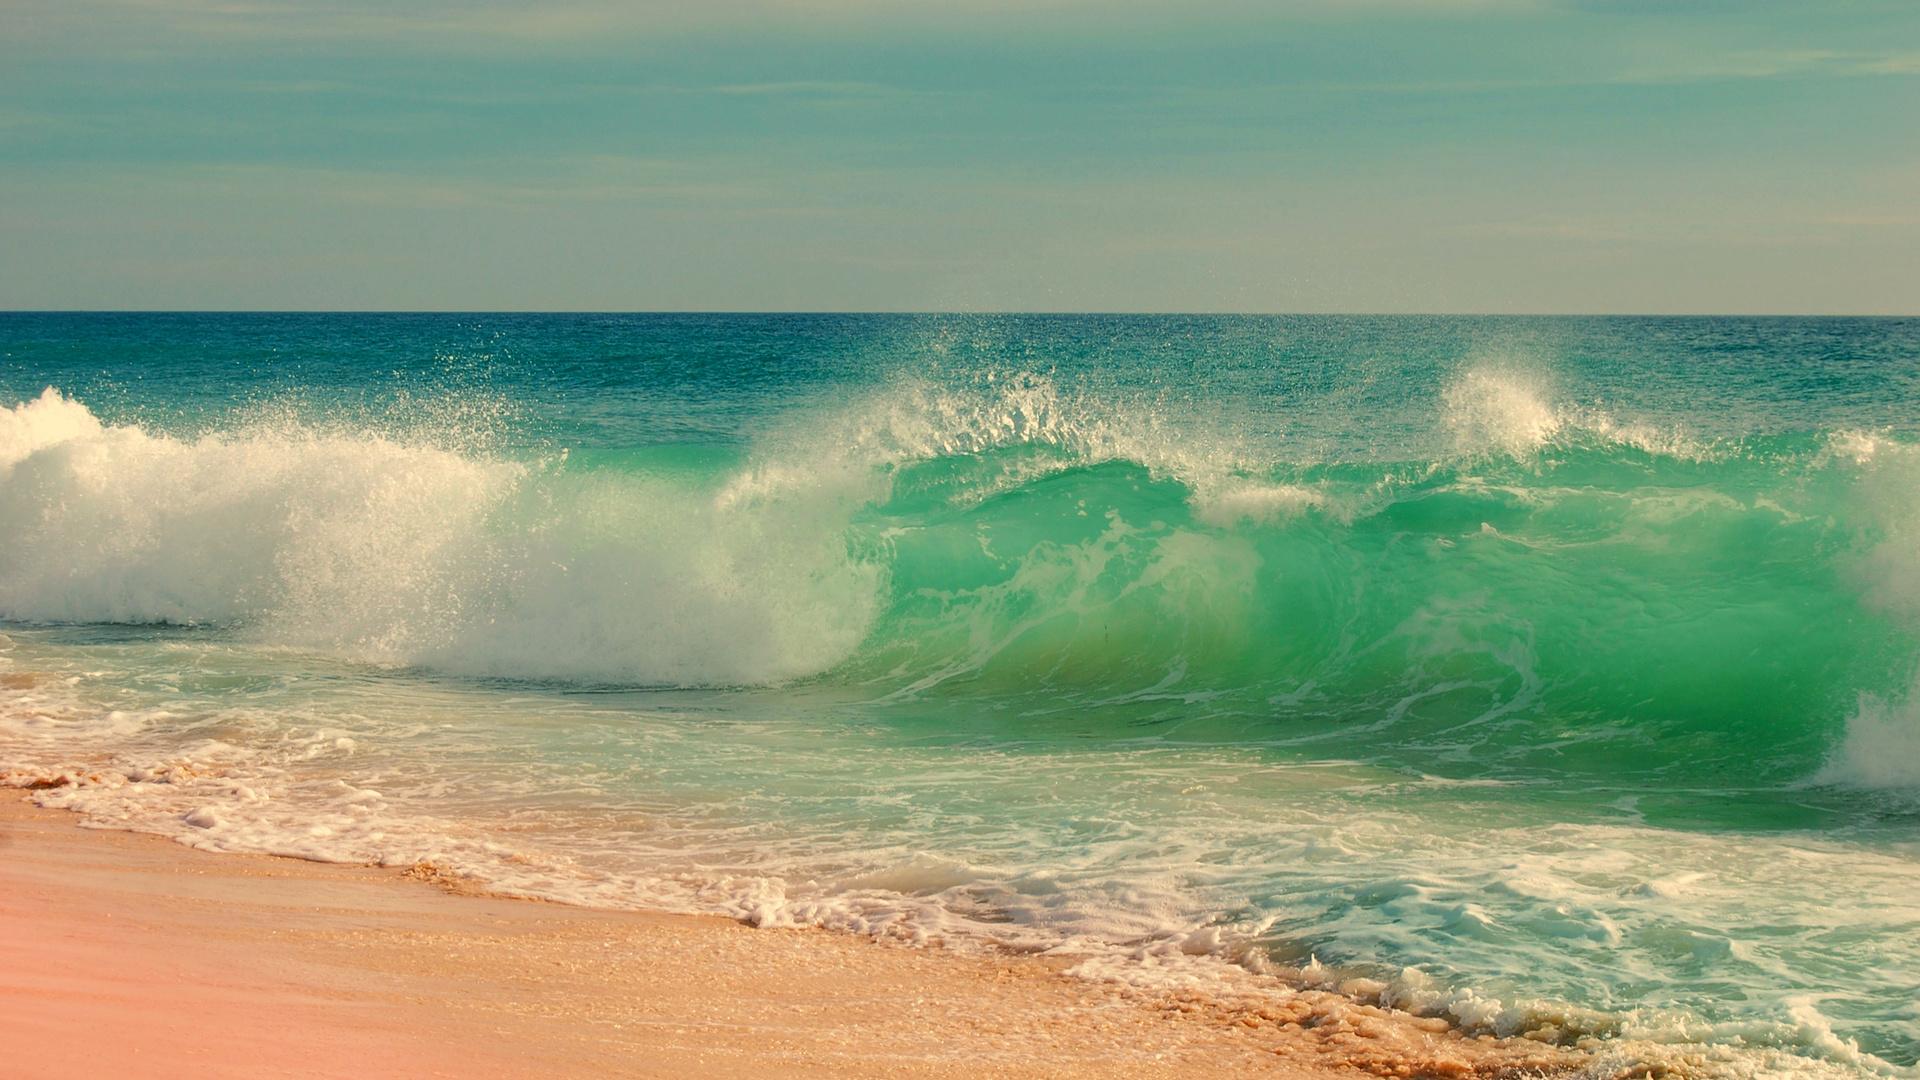 пейзаж, прибой, океан